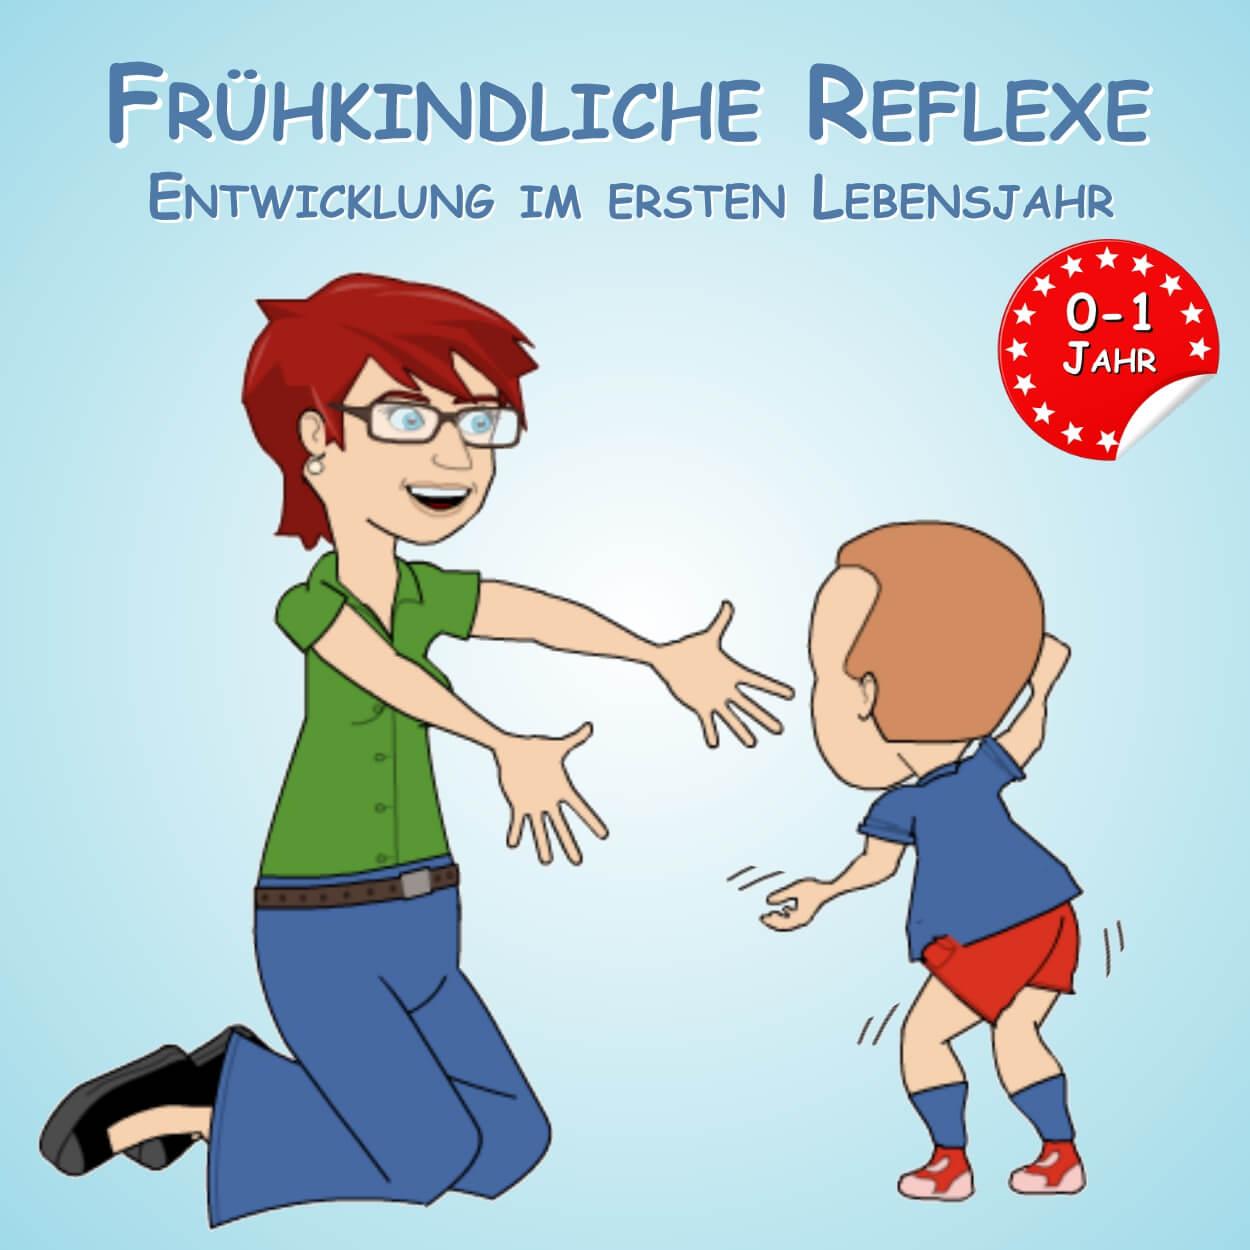 Frühkindliche Reflexe - Erstes Lebensjahr